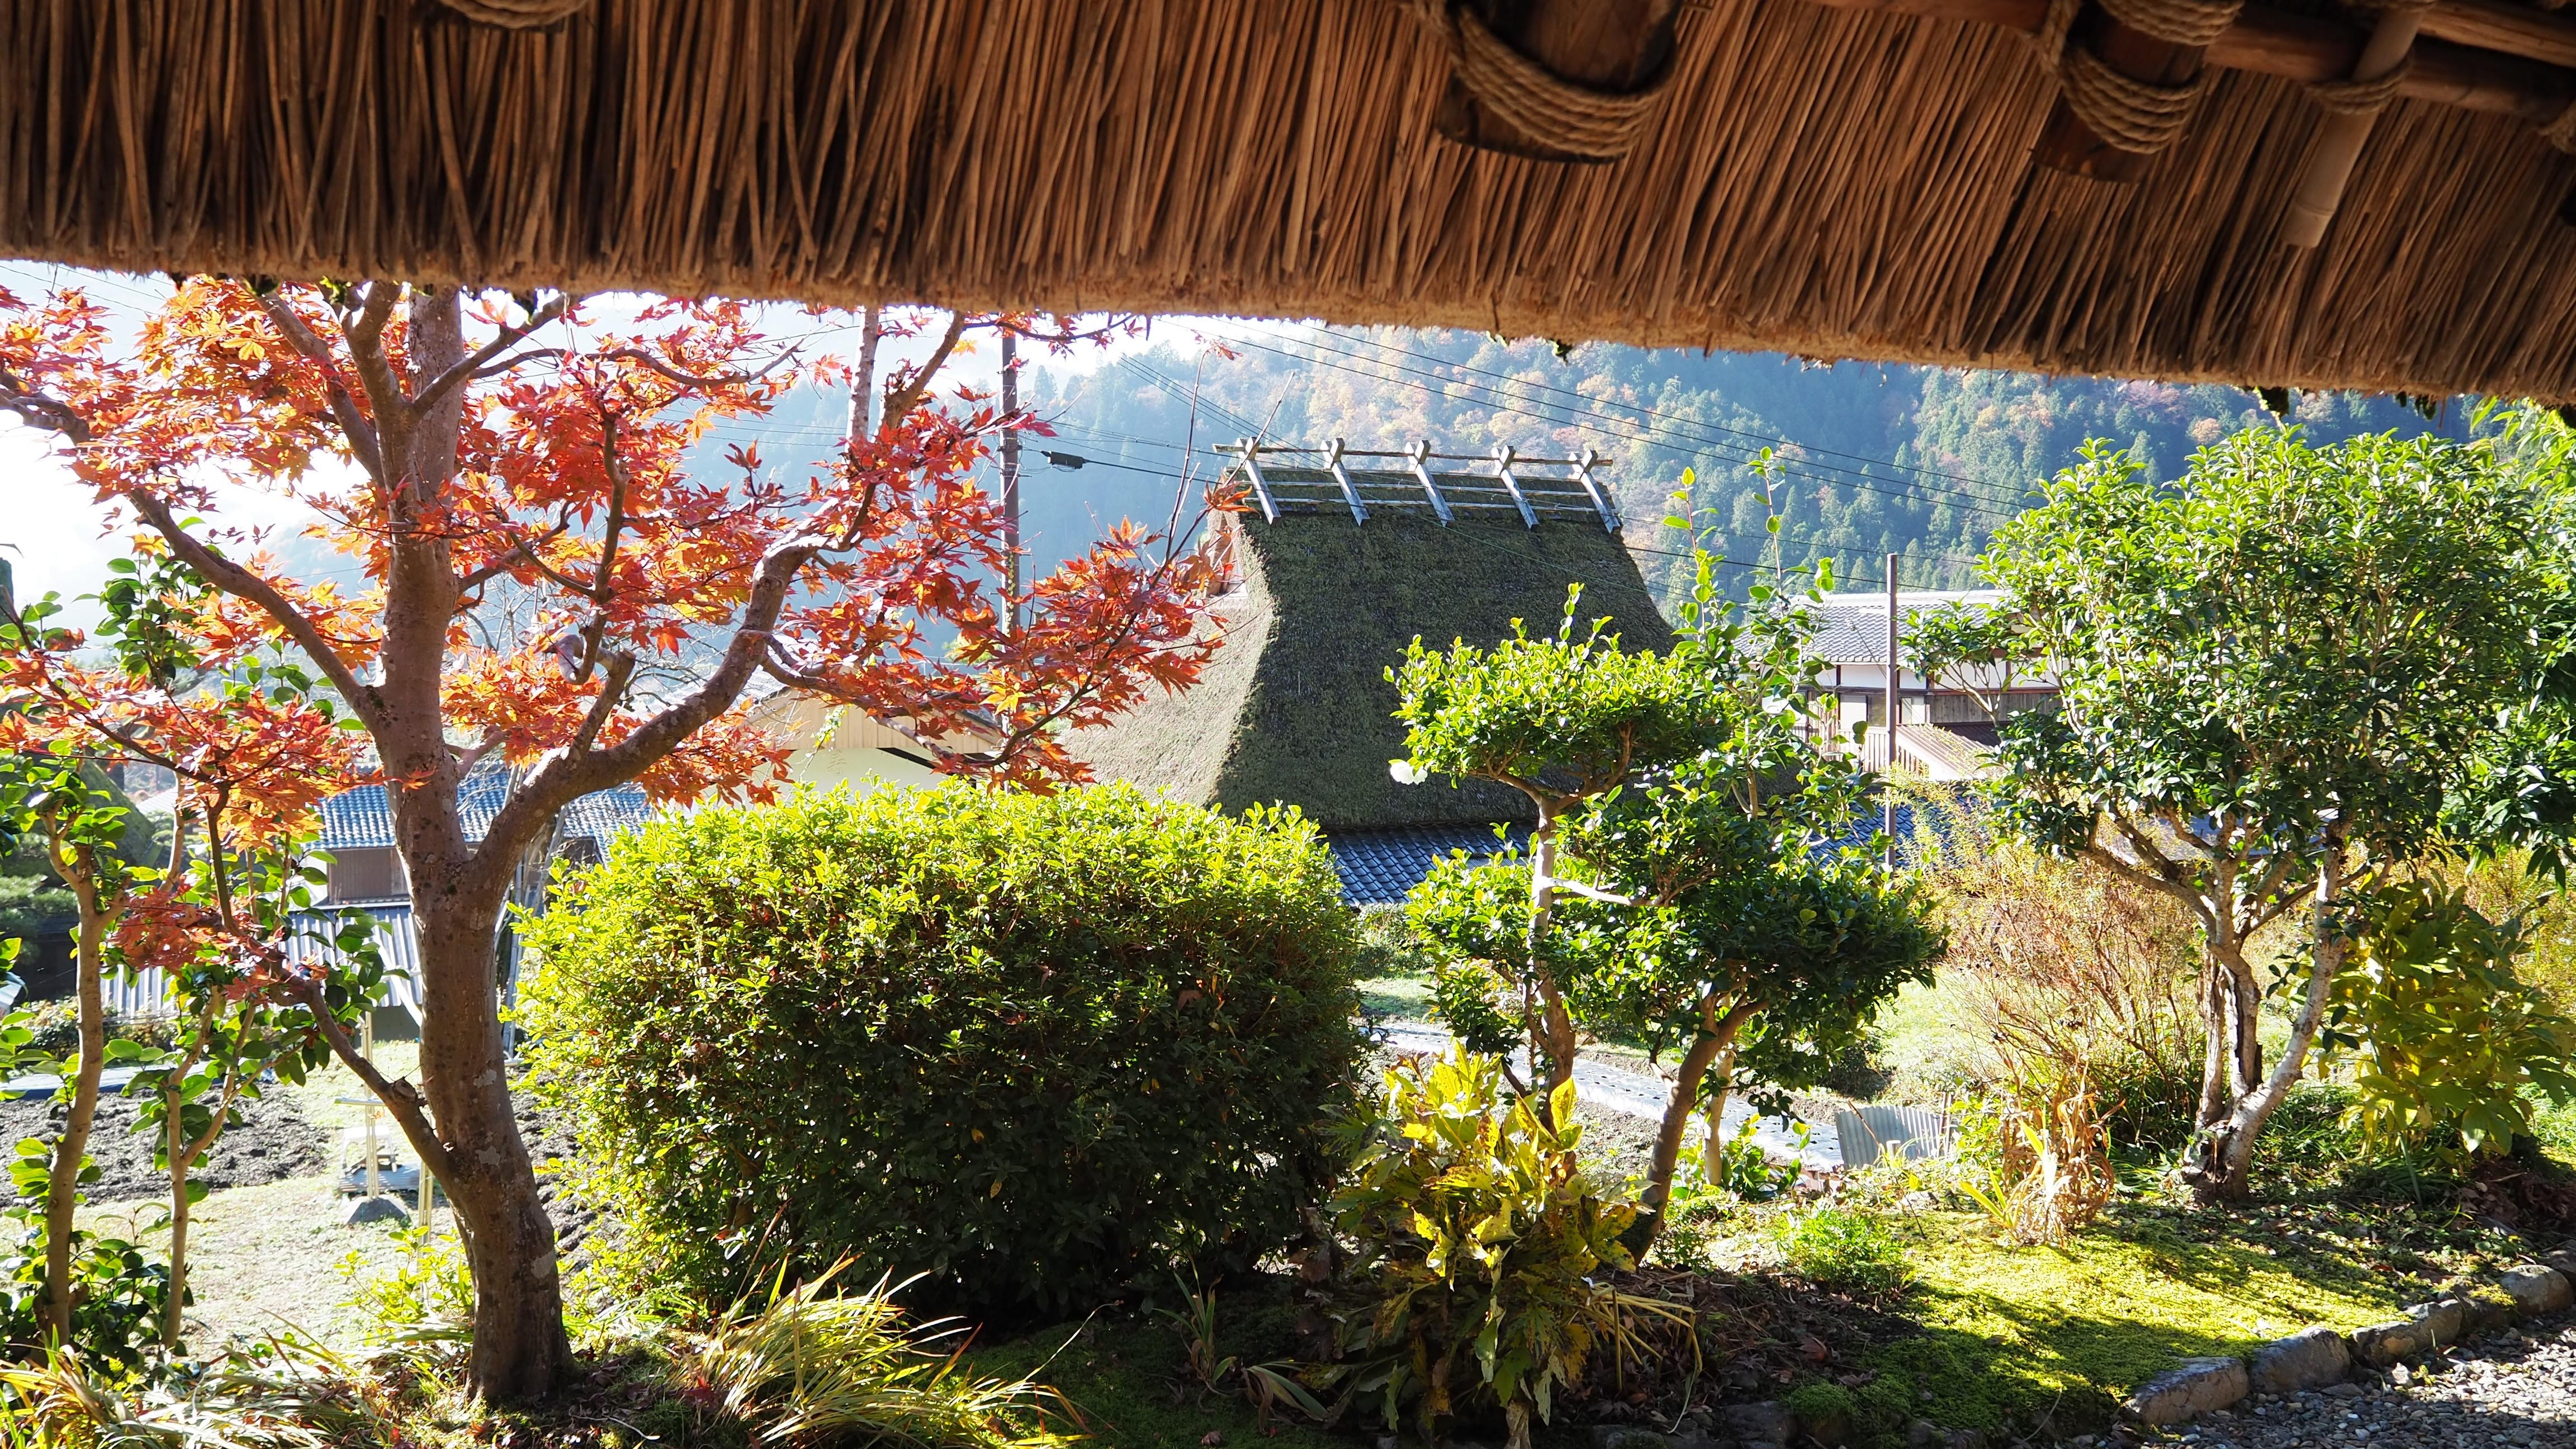 ぴーきち&ダイナ 美山 かやぶきの里ツーリング 美山民俗資料館 縁側の景色